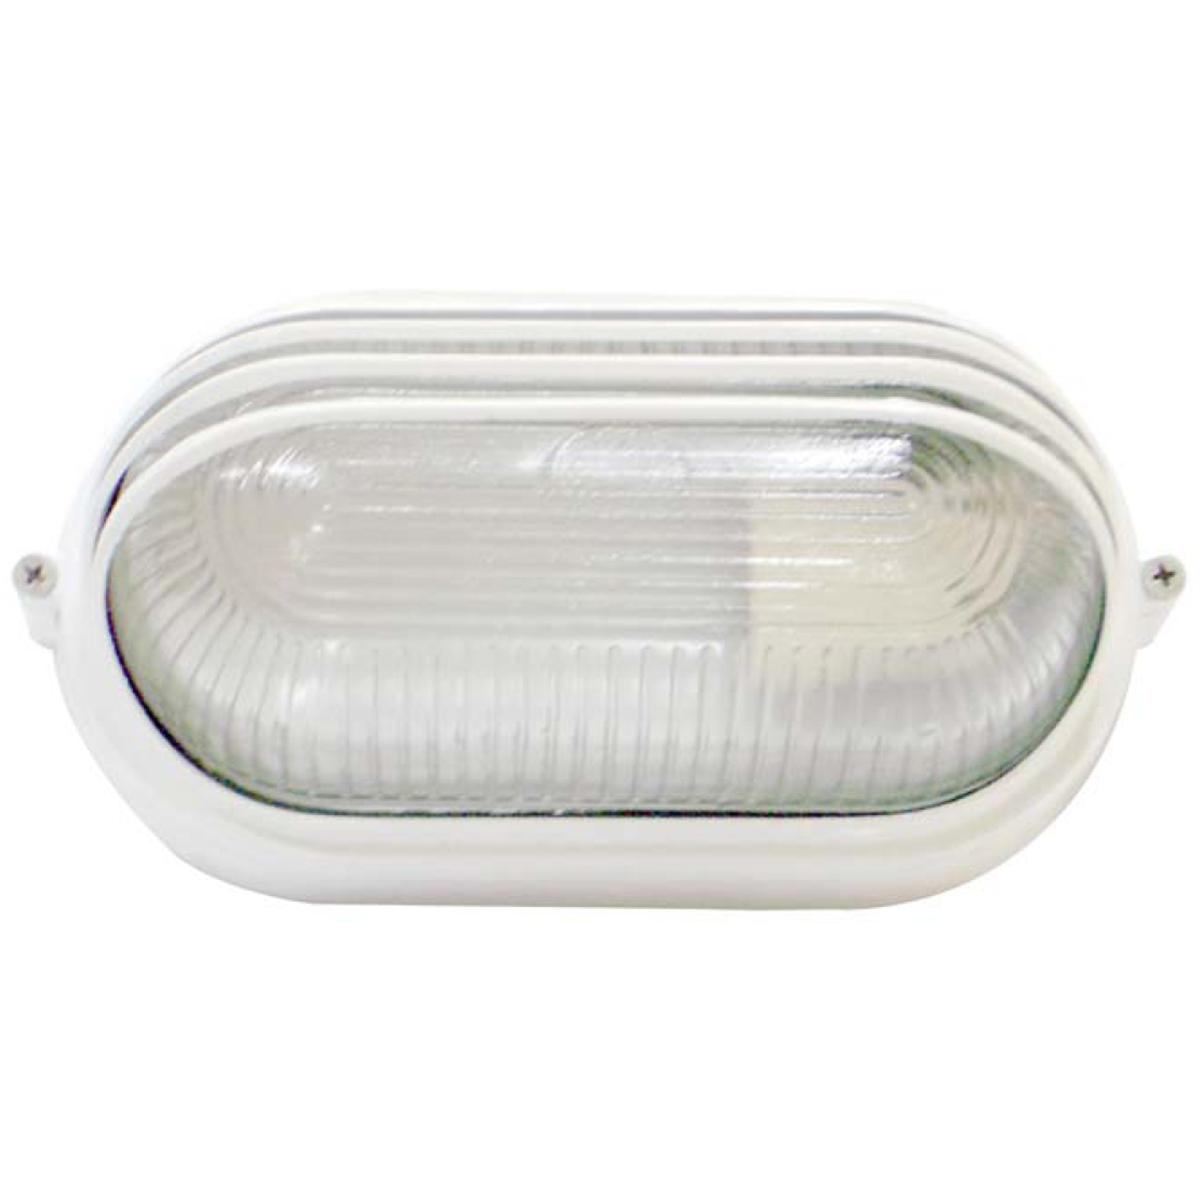 Tartaruga Oval 20cm Aluminio Pint. Epoxi E-27 1 Lamp. Max 60w Meia Cana Branca